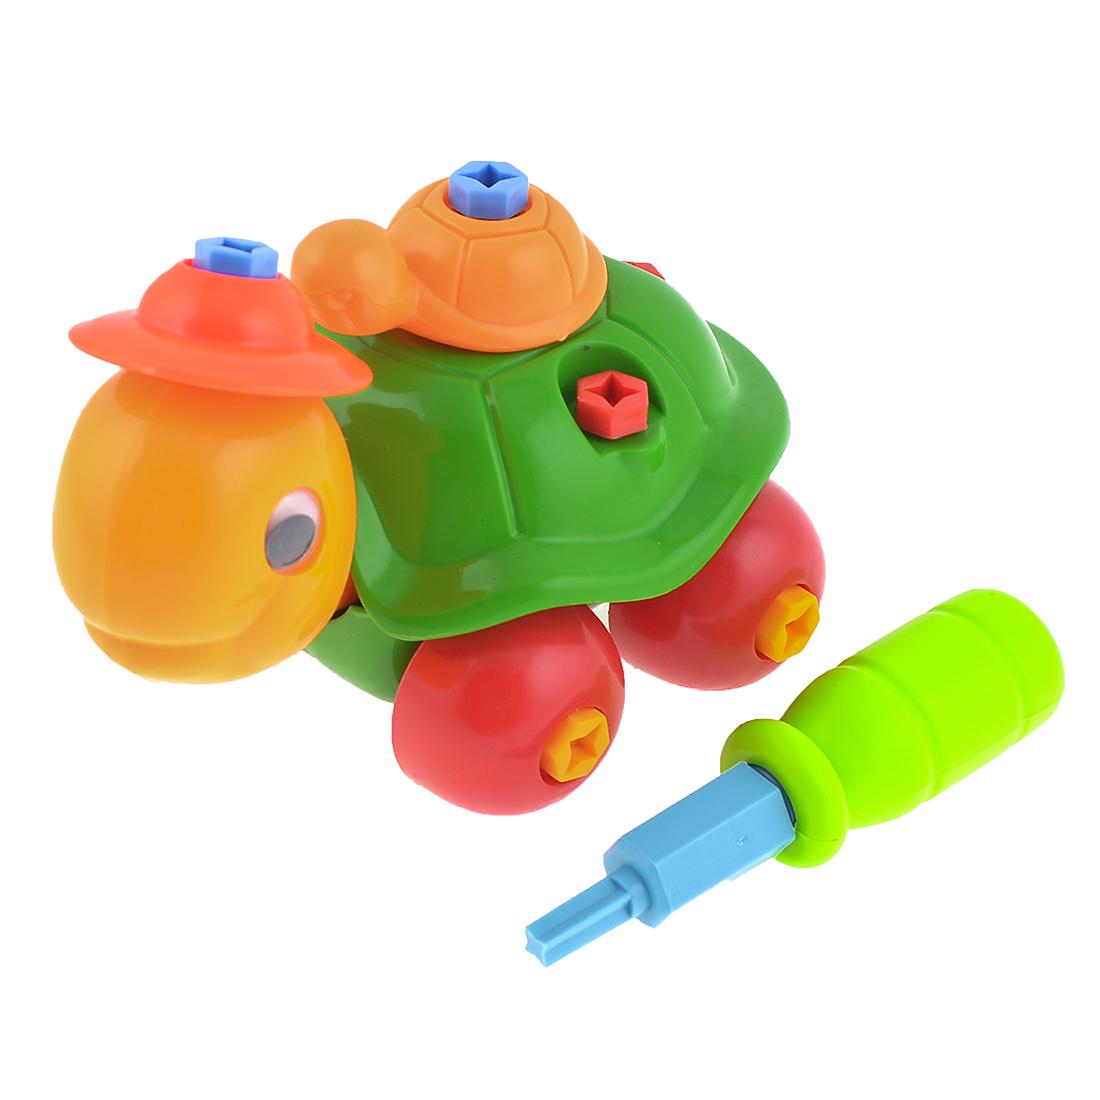 Multicolor Plastic Detachable Turtle Building Educational Car Toy Kit